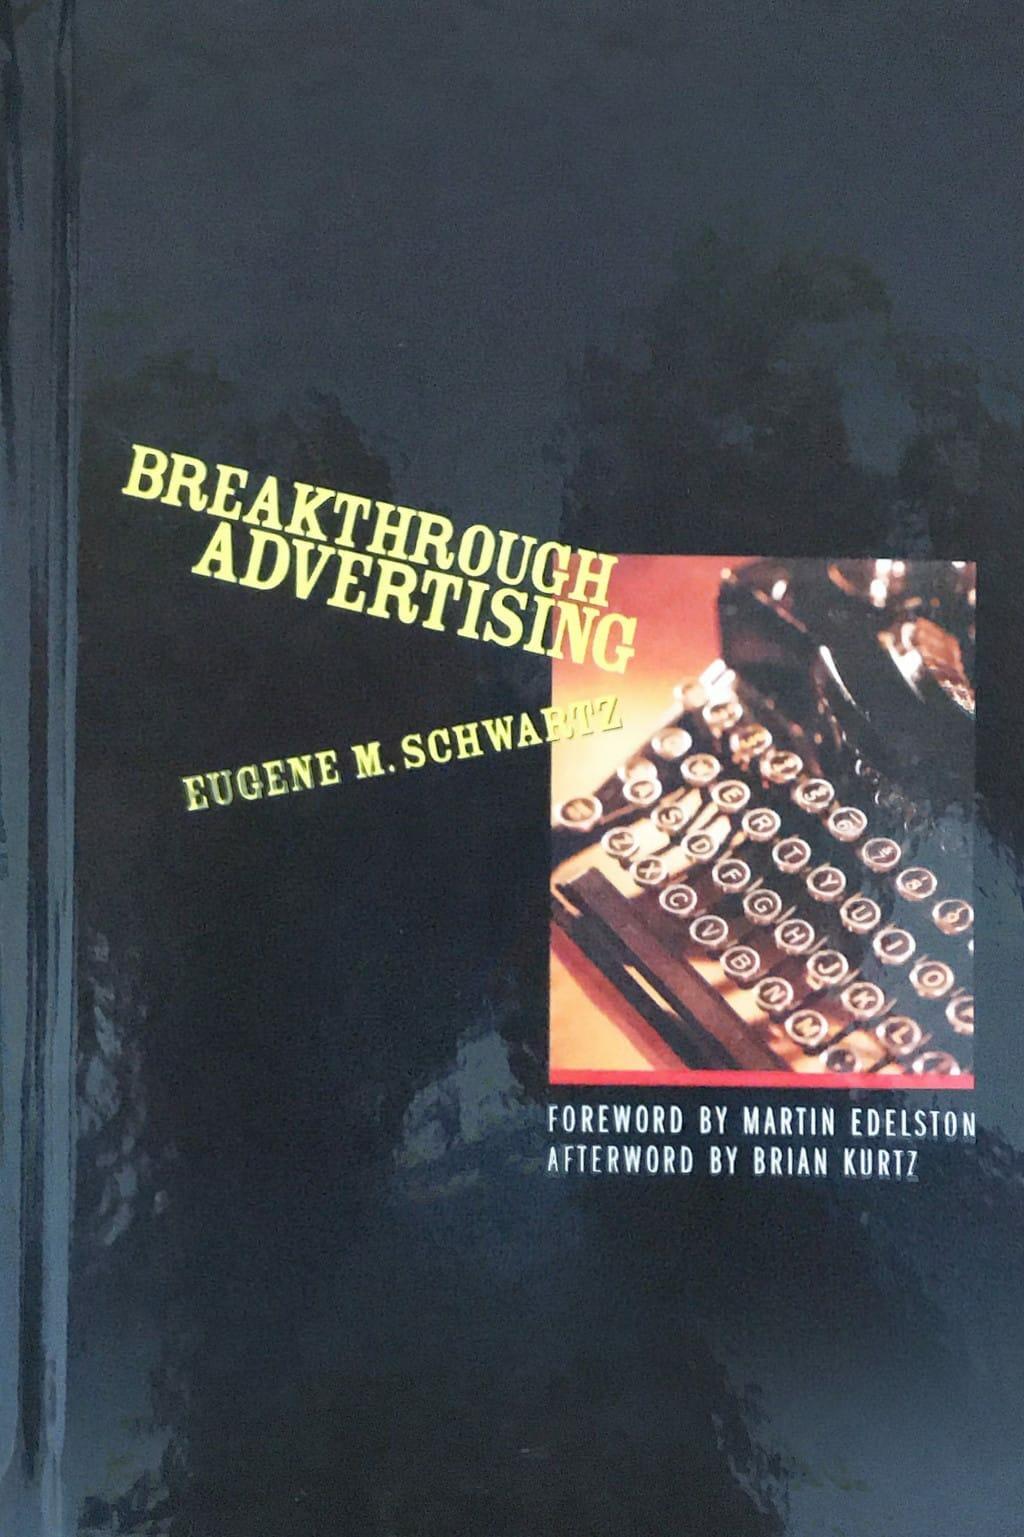 Le Livre Breakthrough Advertising d'Eugène M. Schwartz